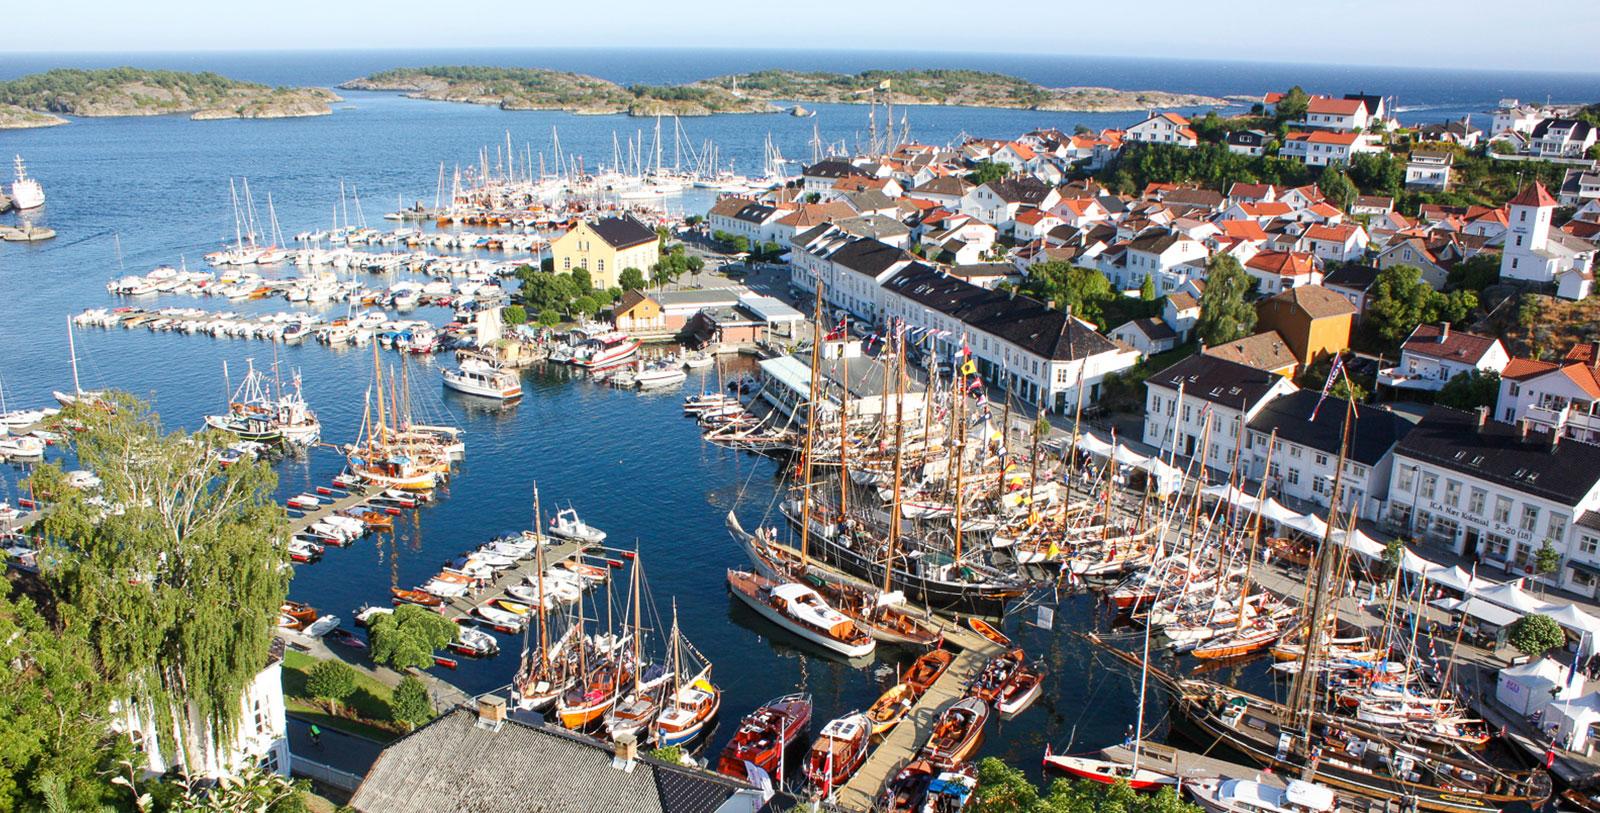 Image of Risør harbor, Det Lille Hotel, 1750, Member of Historic Hotels Worldwide, Risør, Norway, Explore